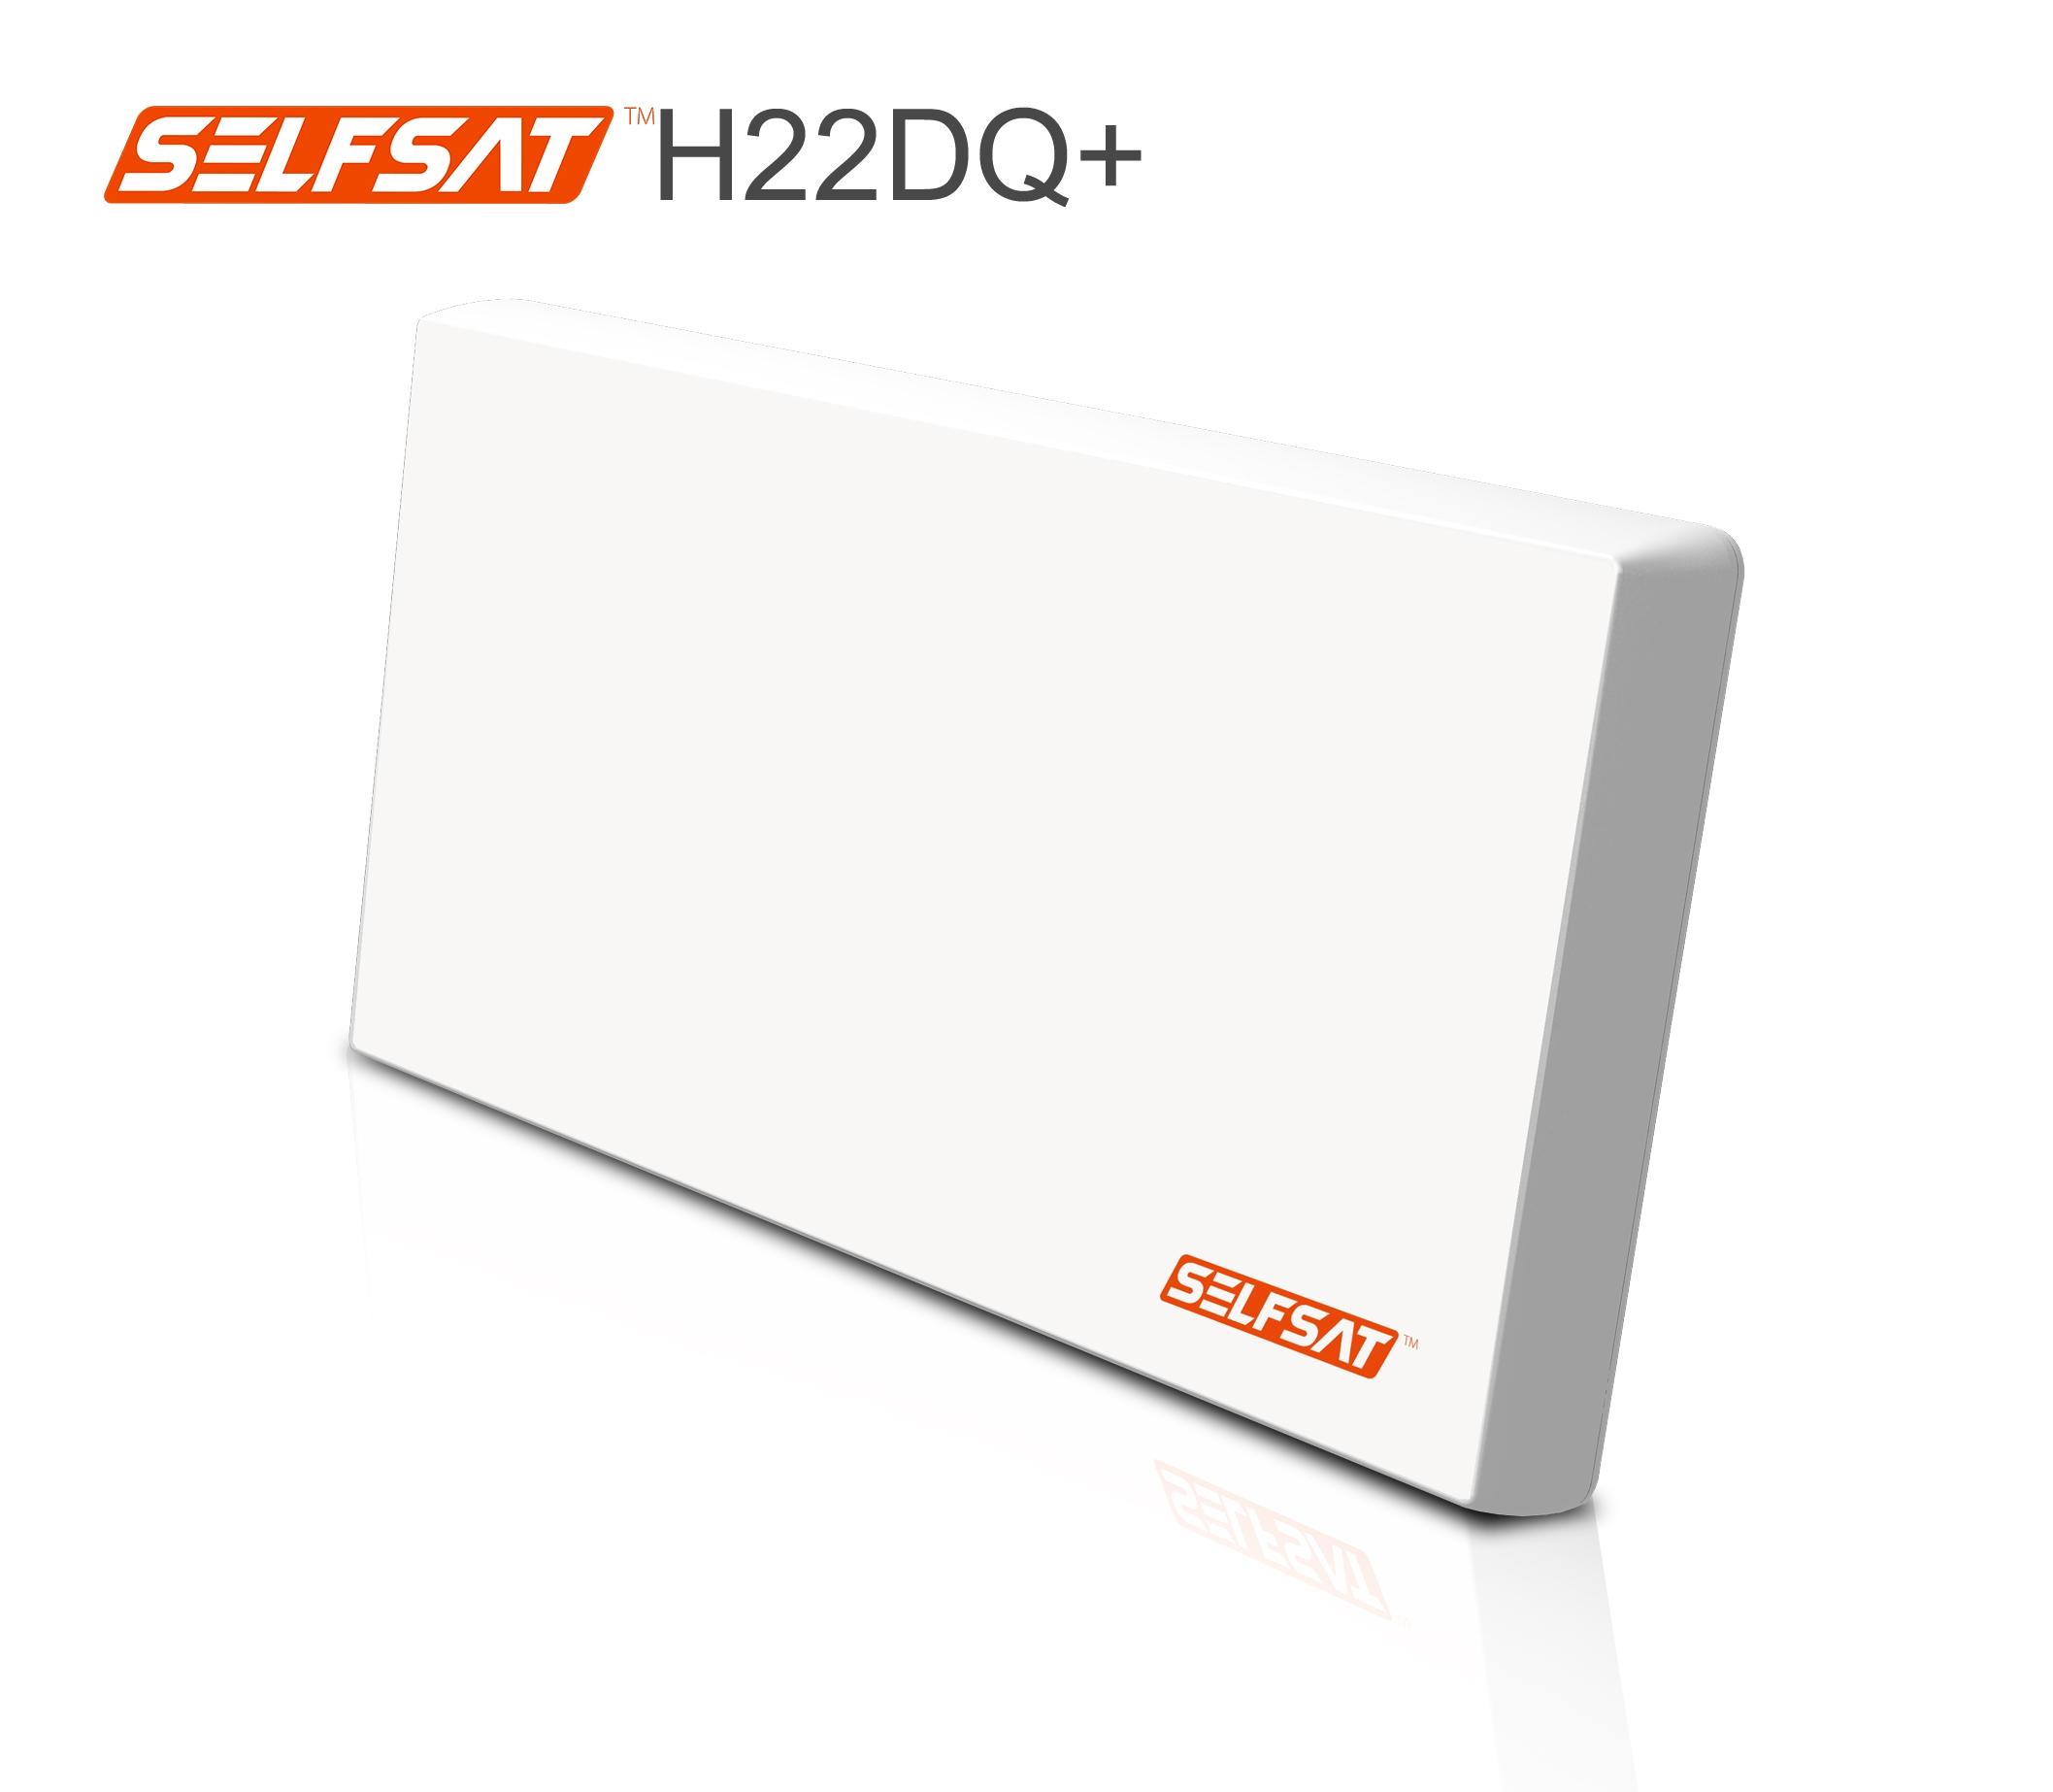 Selfsat H22DQ+ Flachantenne mit Quattro LNB